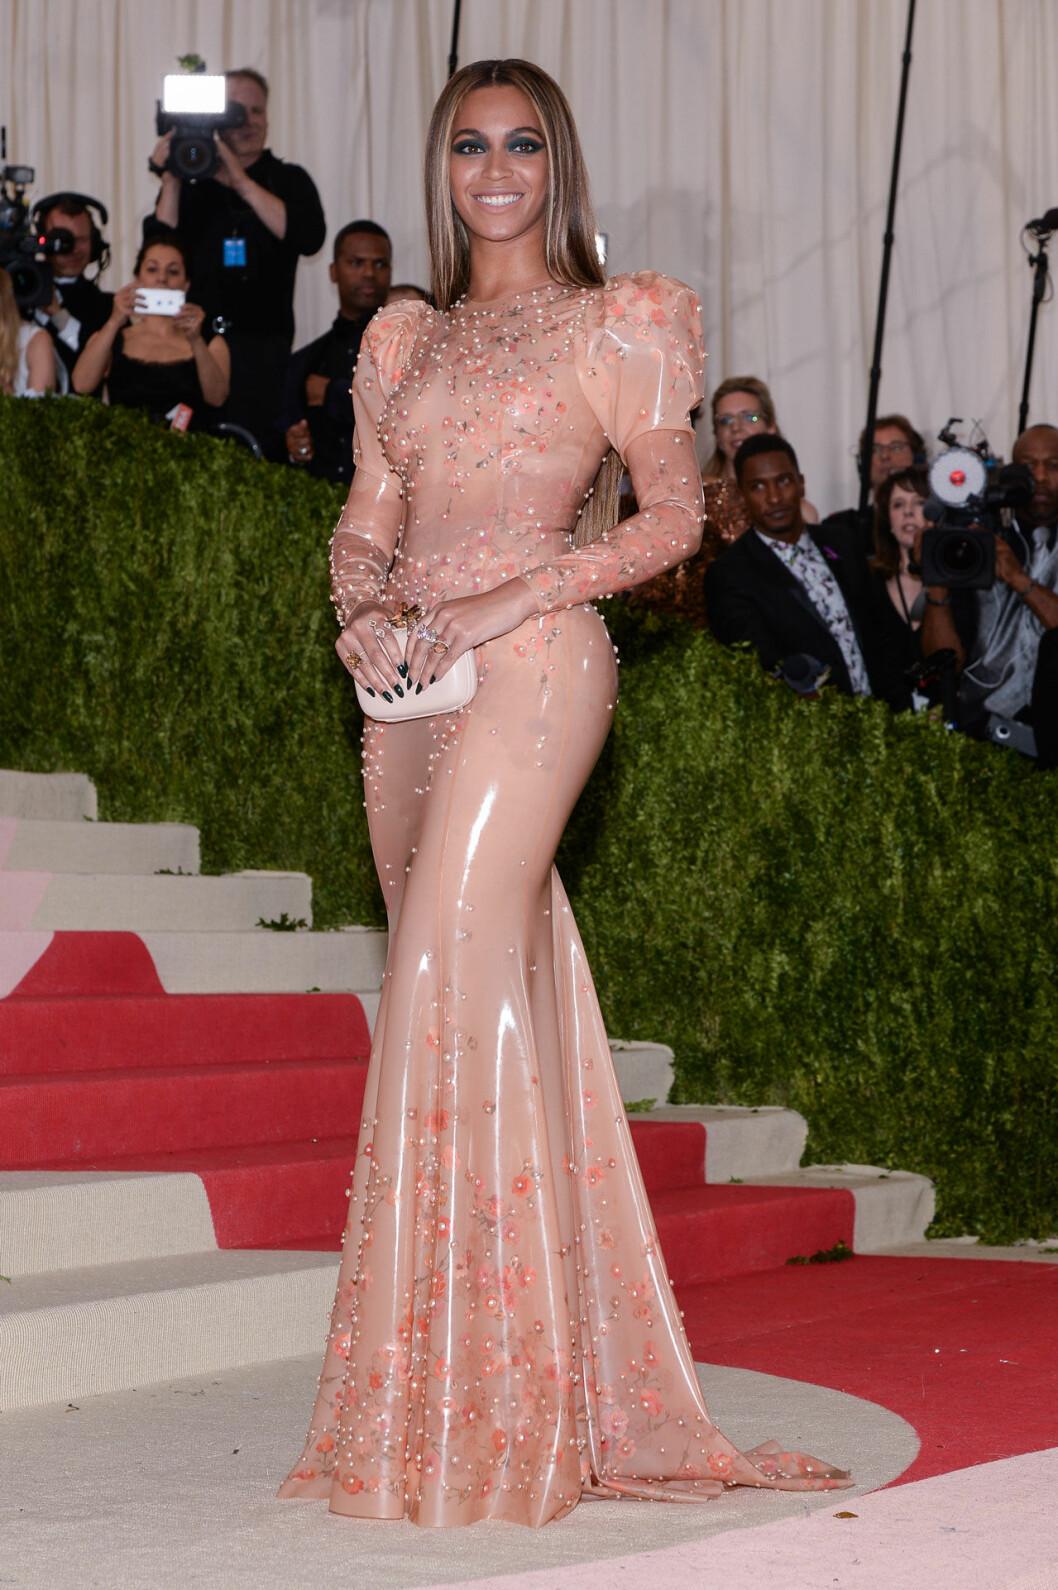 Beyonce i ljusrosa långklänning med puffärm